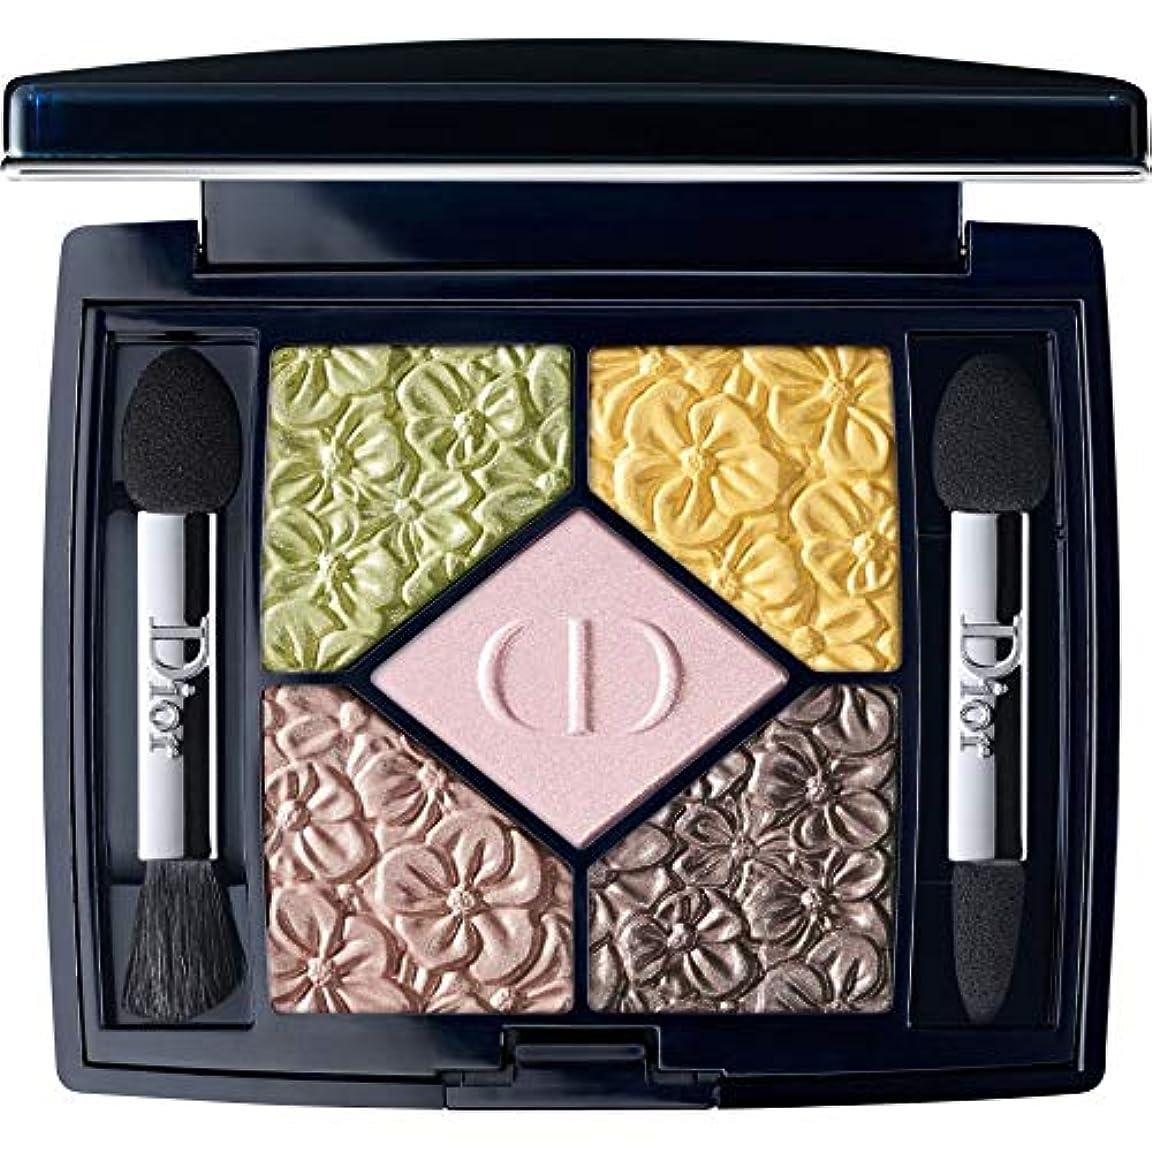 炎上救援カウント[Dior ] ディオールの庭園版クチュールカラー&エフェクトアイシャドウパレット4.5グラム451を輝く5 Couleursは - バラ園 - DIOR 5 Couleurs Glowing Gardens Edition...